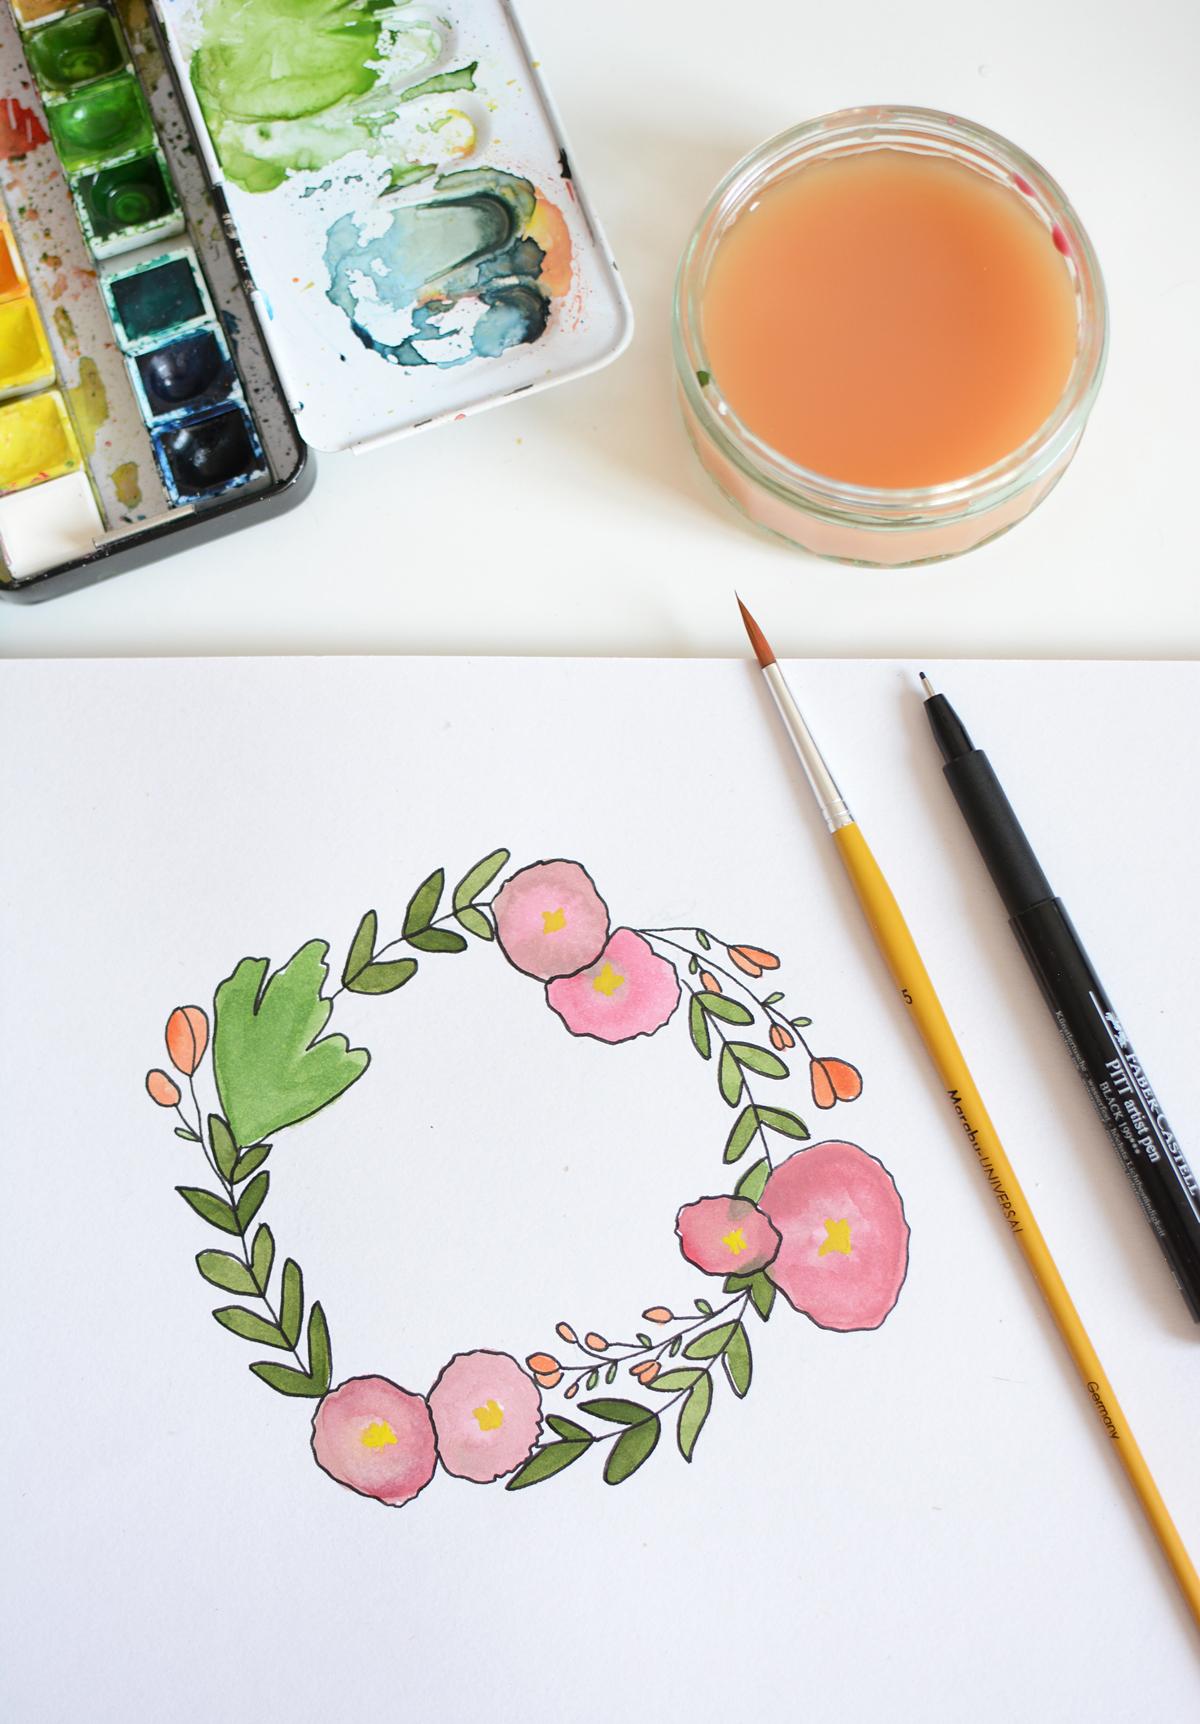 Blumenkranz-Wallpaper für April zeichnen | Pixi mit Milch